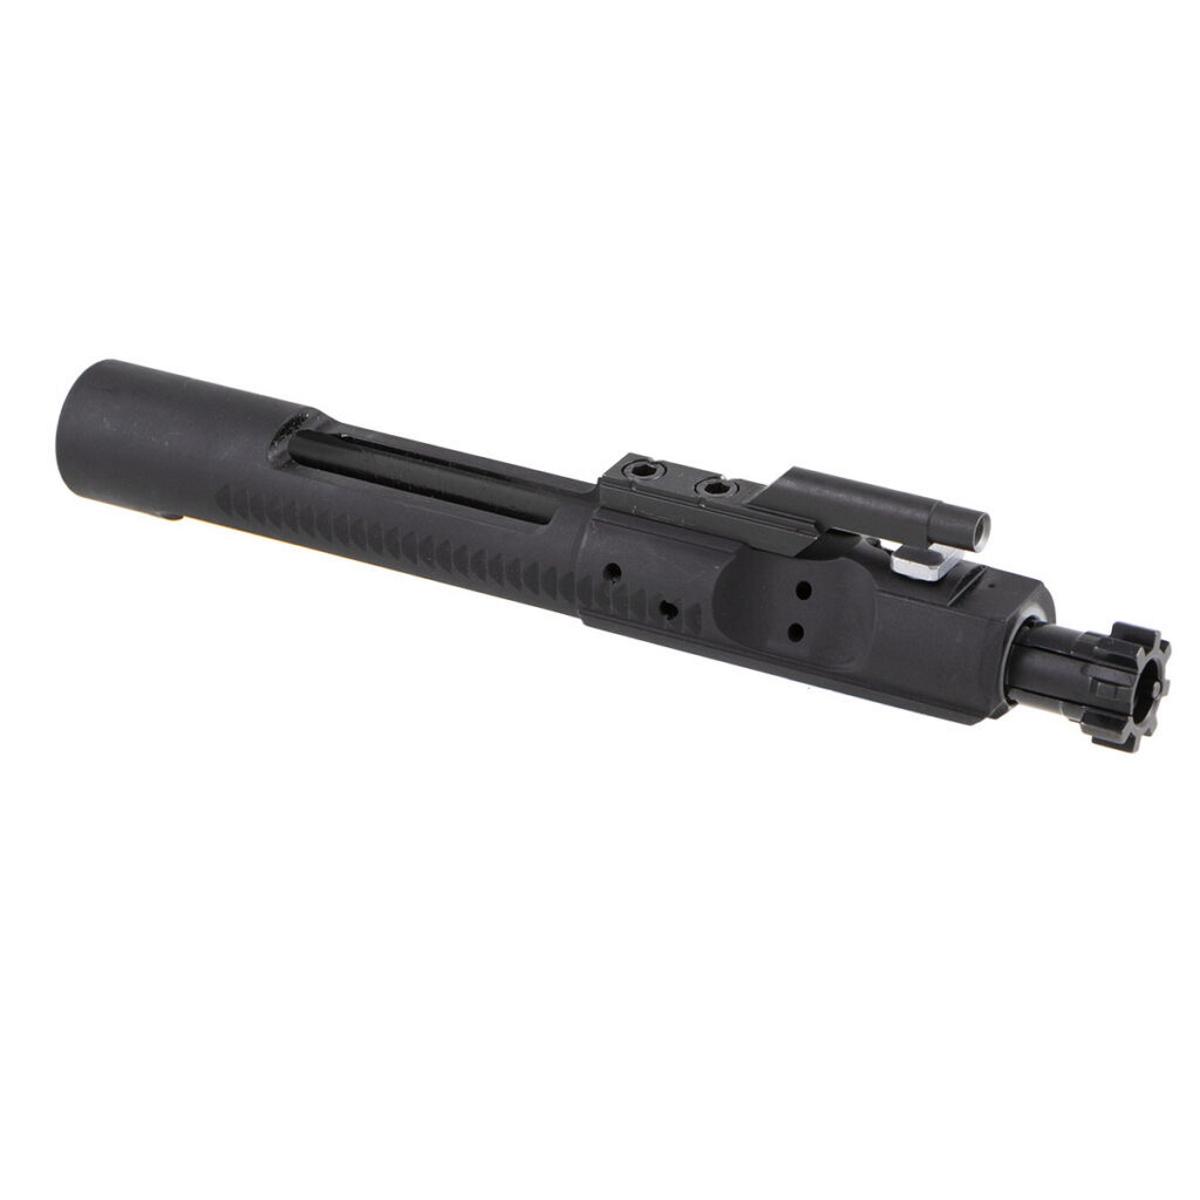 OA-AR-15-BCG-P-556b